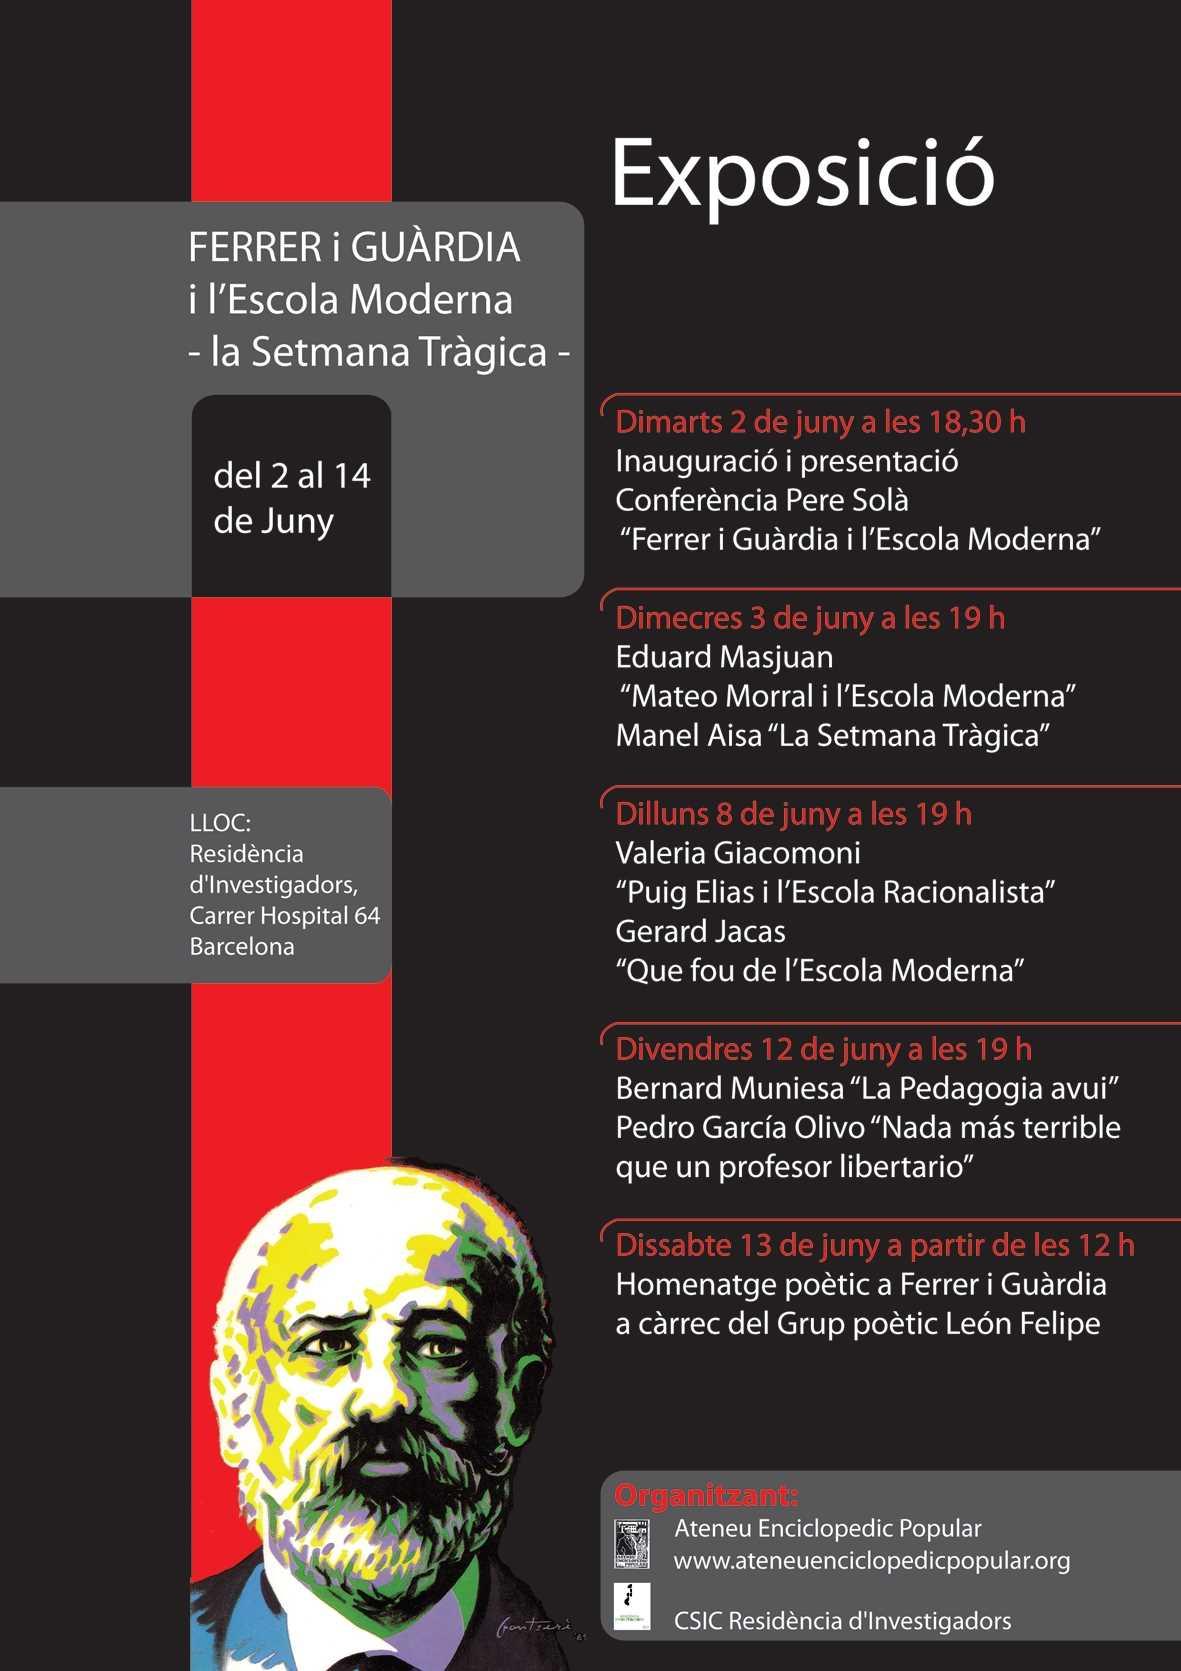 Cartell de l'Exposició Ferrer i Guàrdia